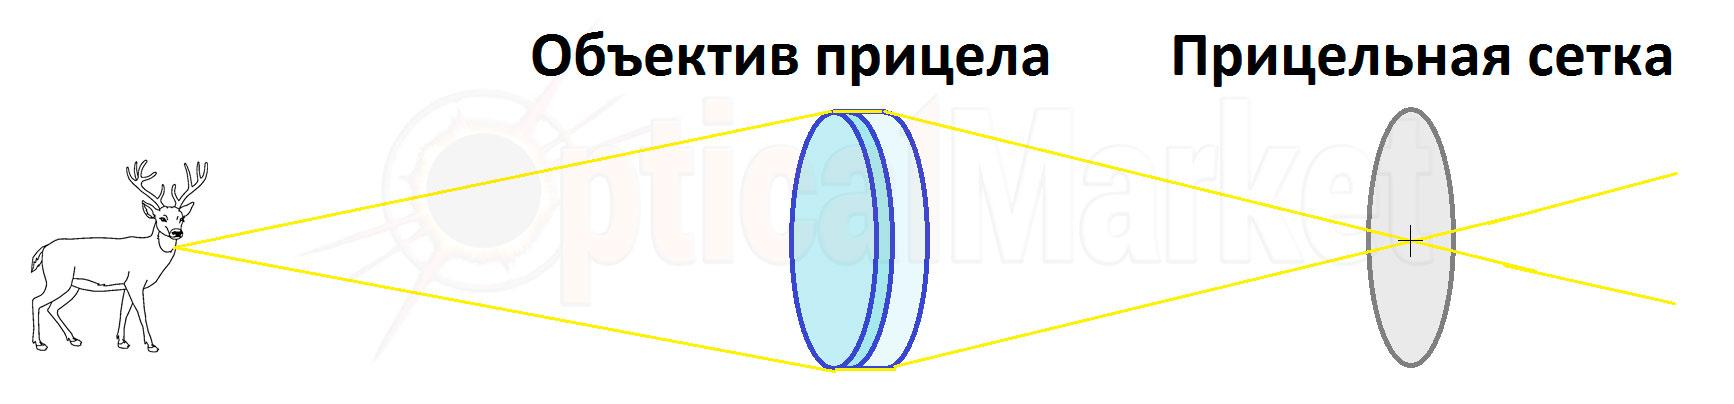 Відбудова паралаксу в оптичному прицілі